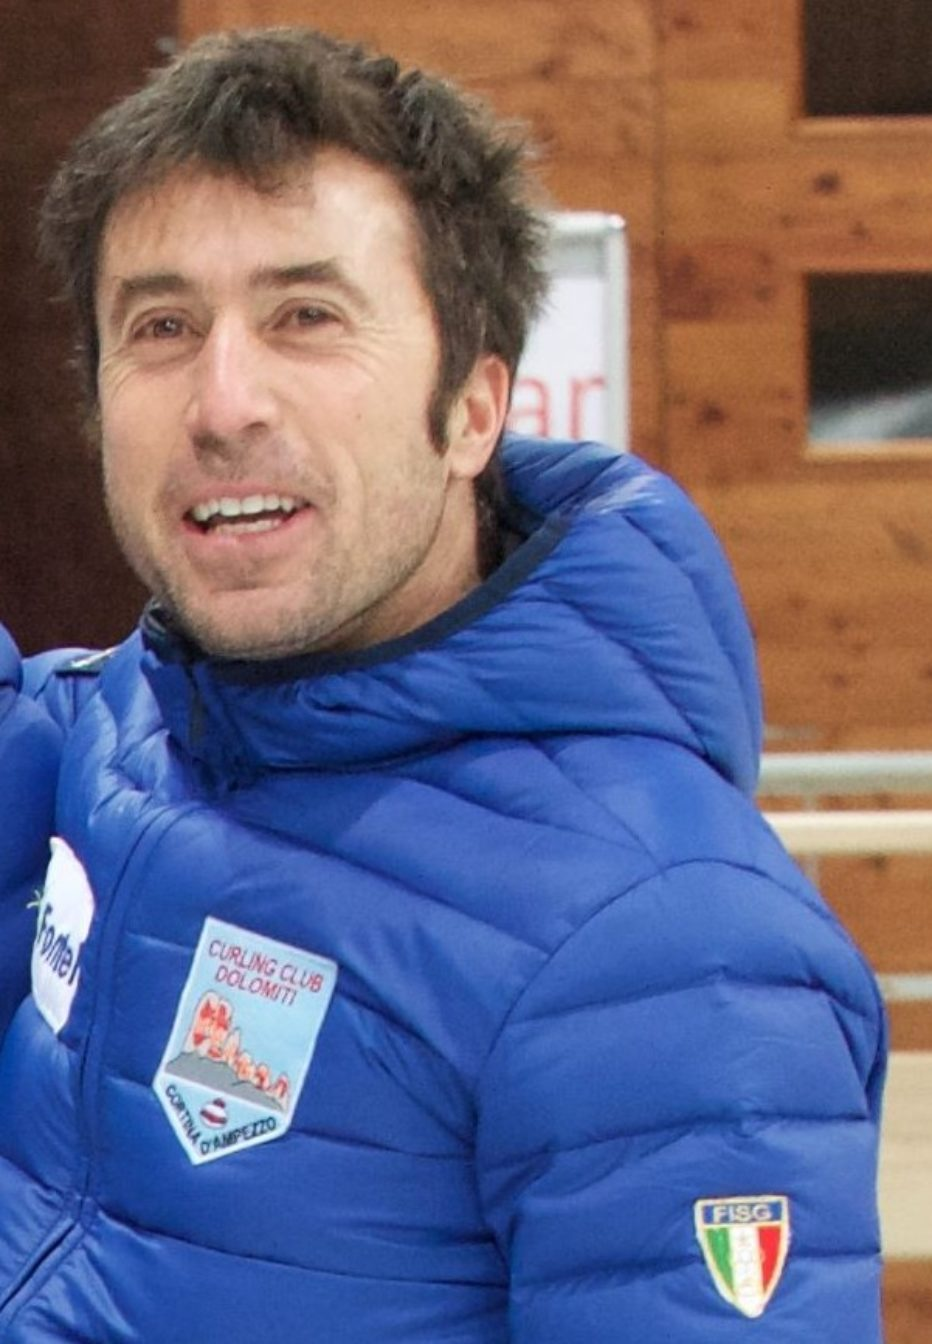 Assemblea regionale del Veneto della Federazione Sport Ghiaccio: confermata la Presidente del Comitato Veneto Nadia Bortot. Per il curling,Alessandro Zisa è il nuovo consigliere.